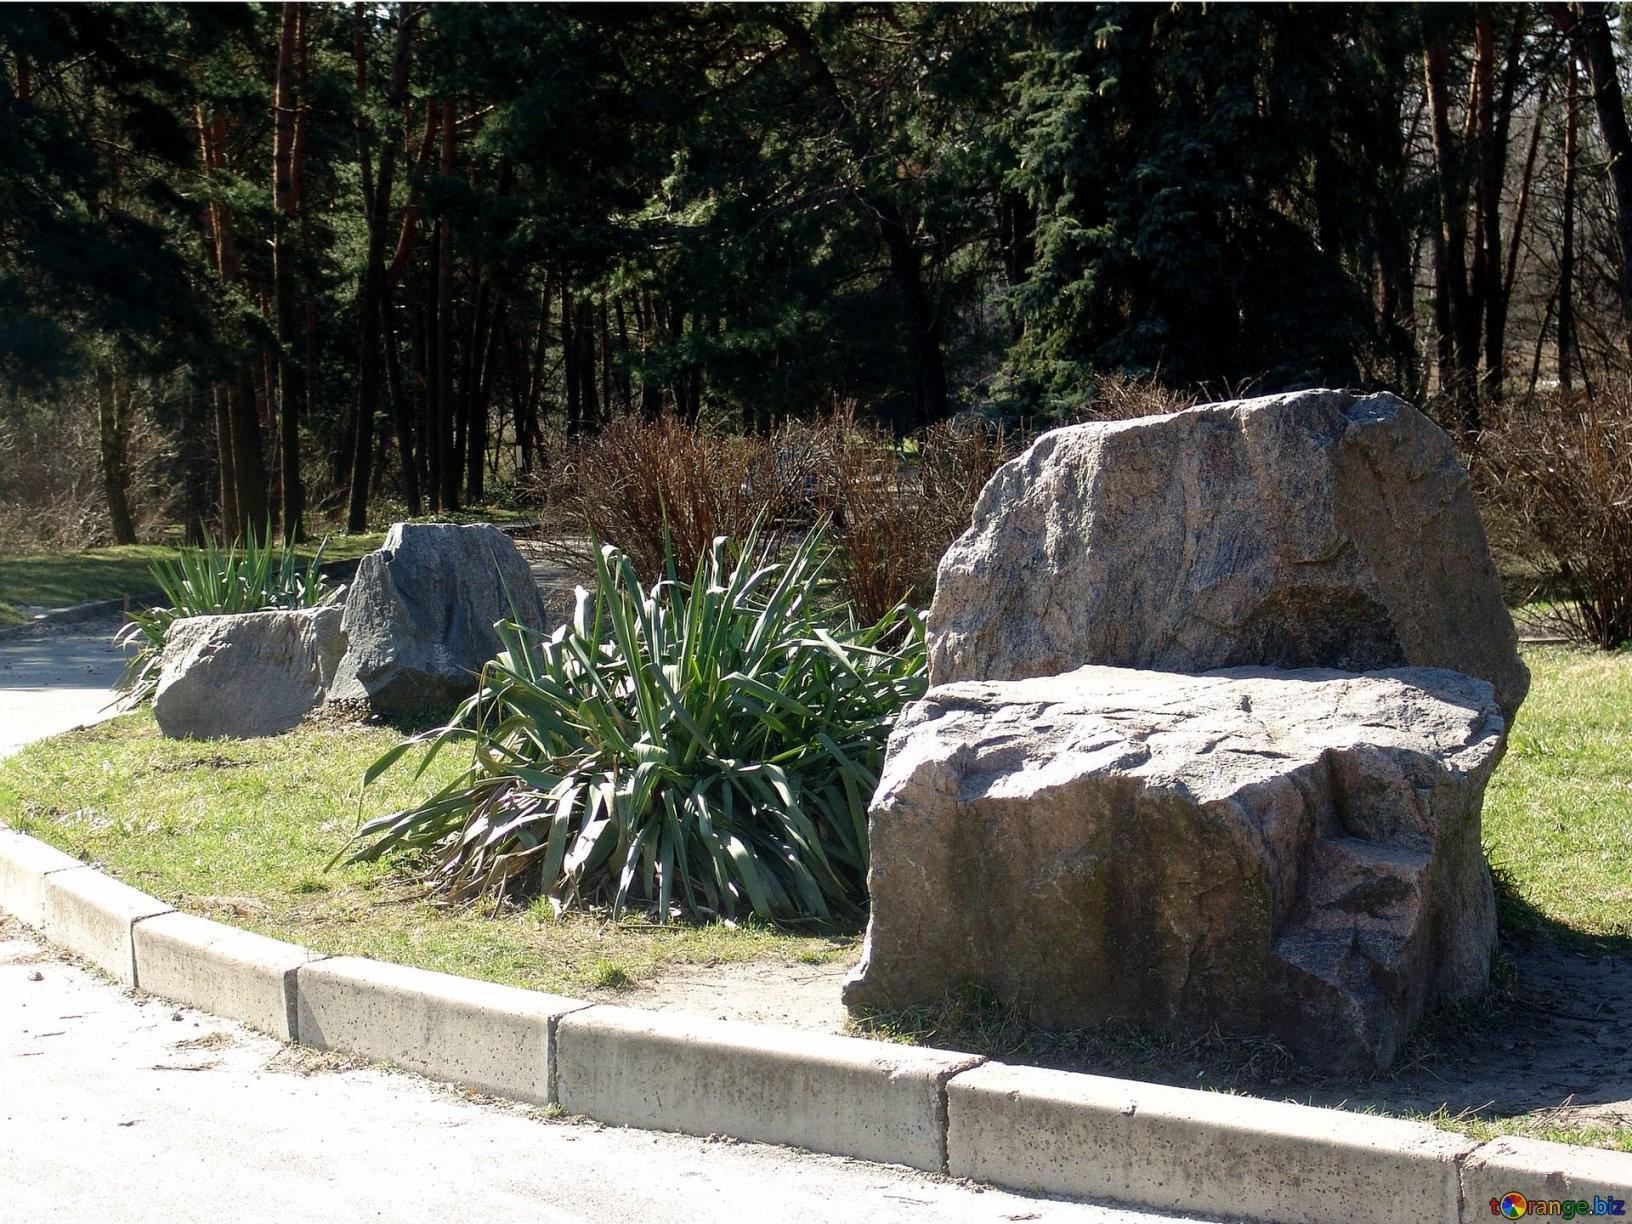 Steine Sind Große Steine Im Garten Berge № 1403 von Große Steine Für Garten Photo